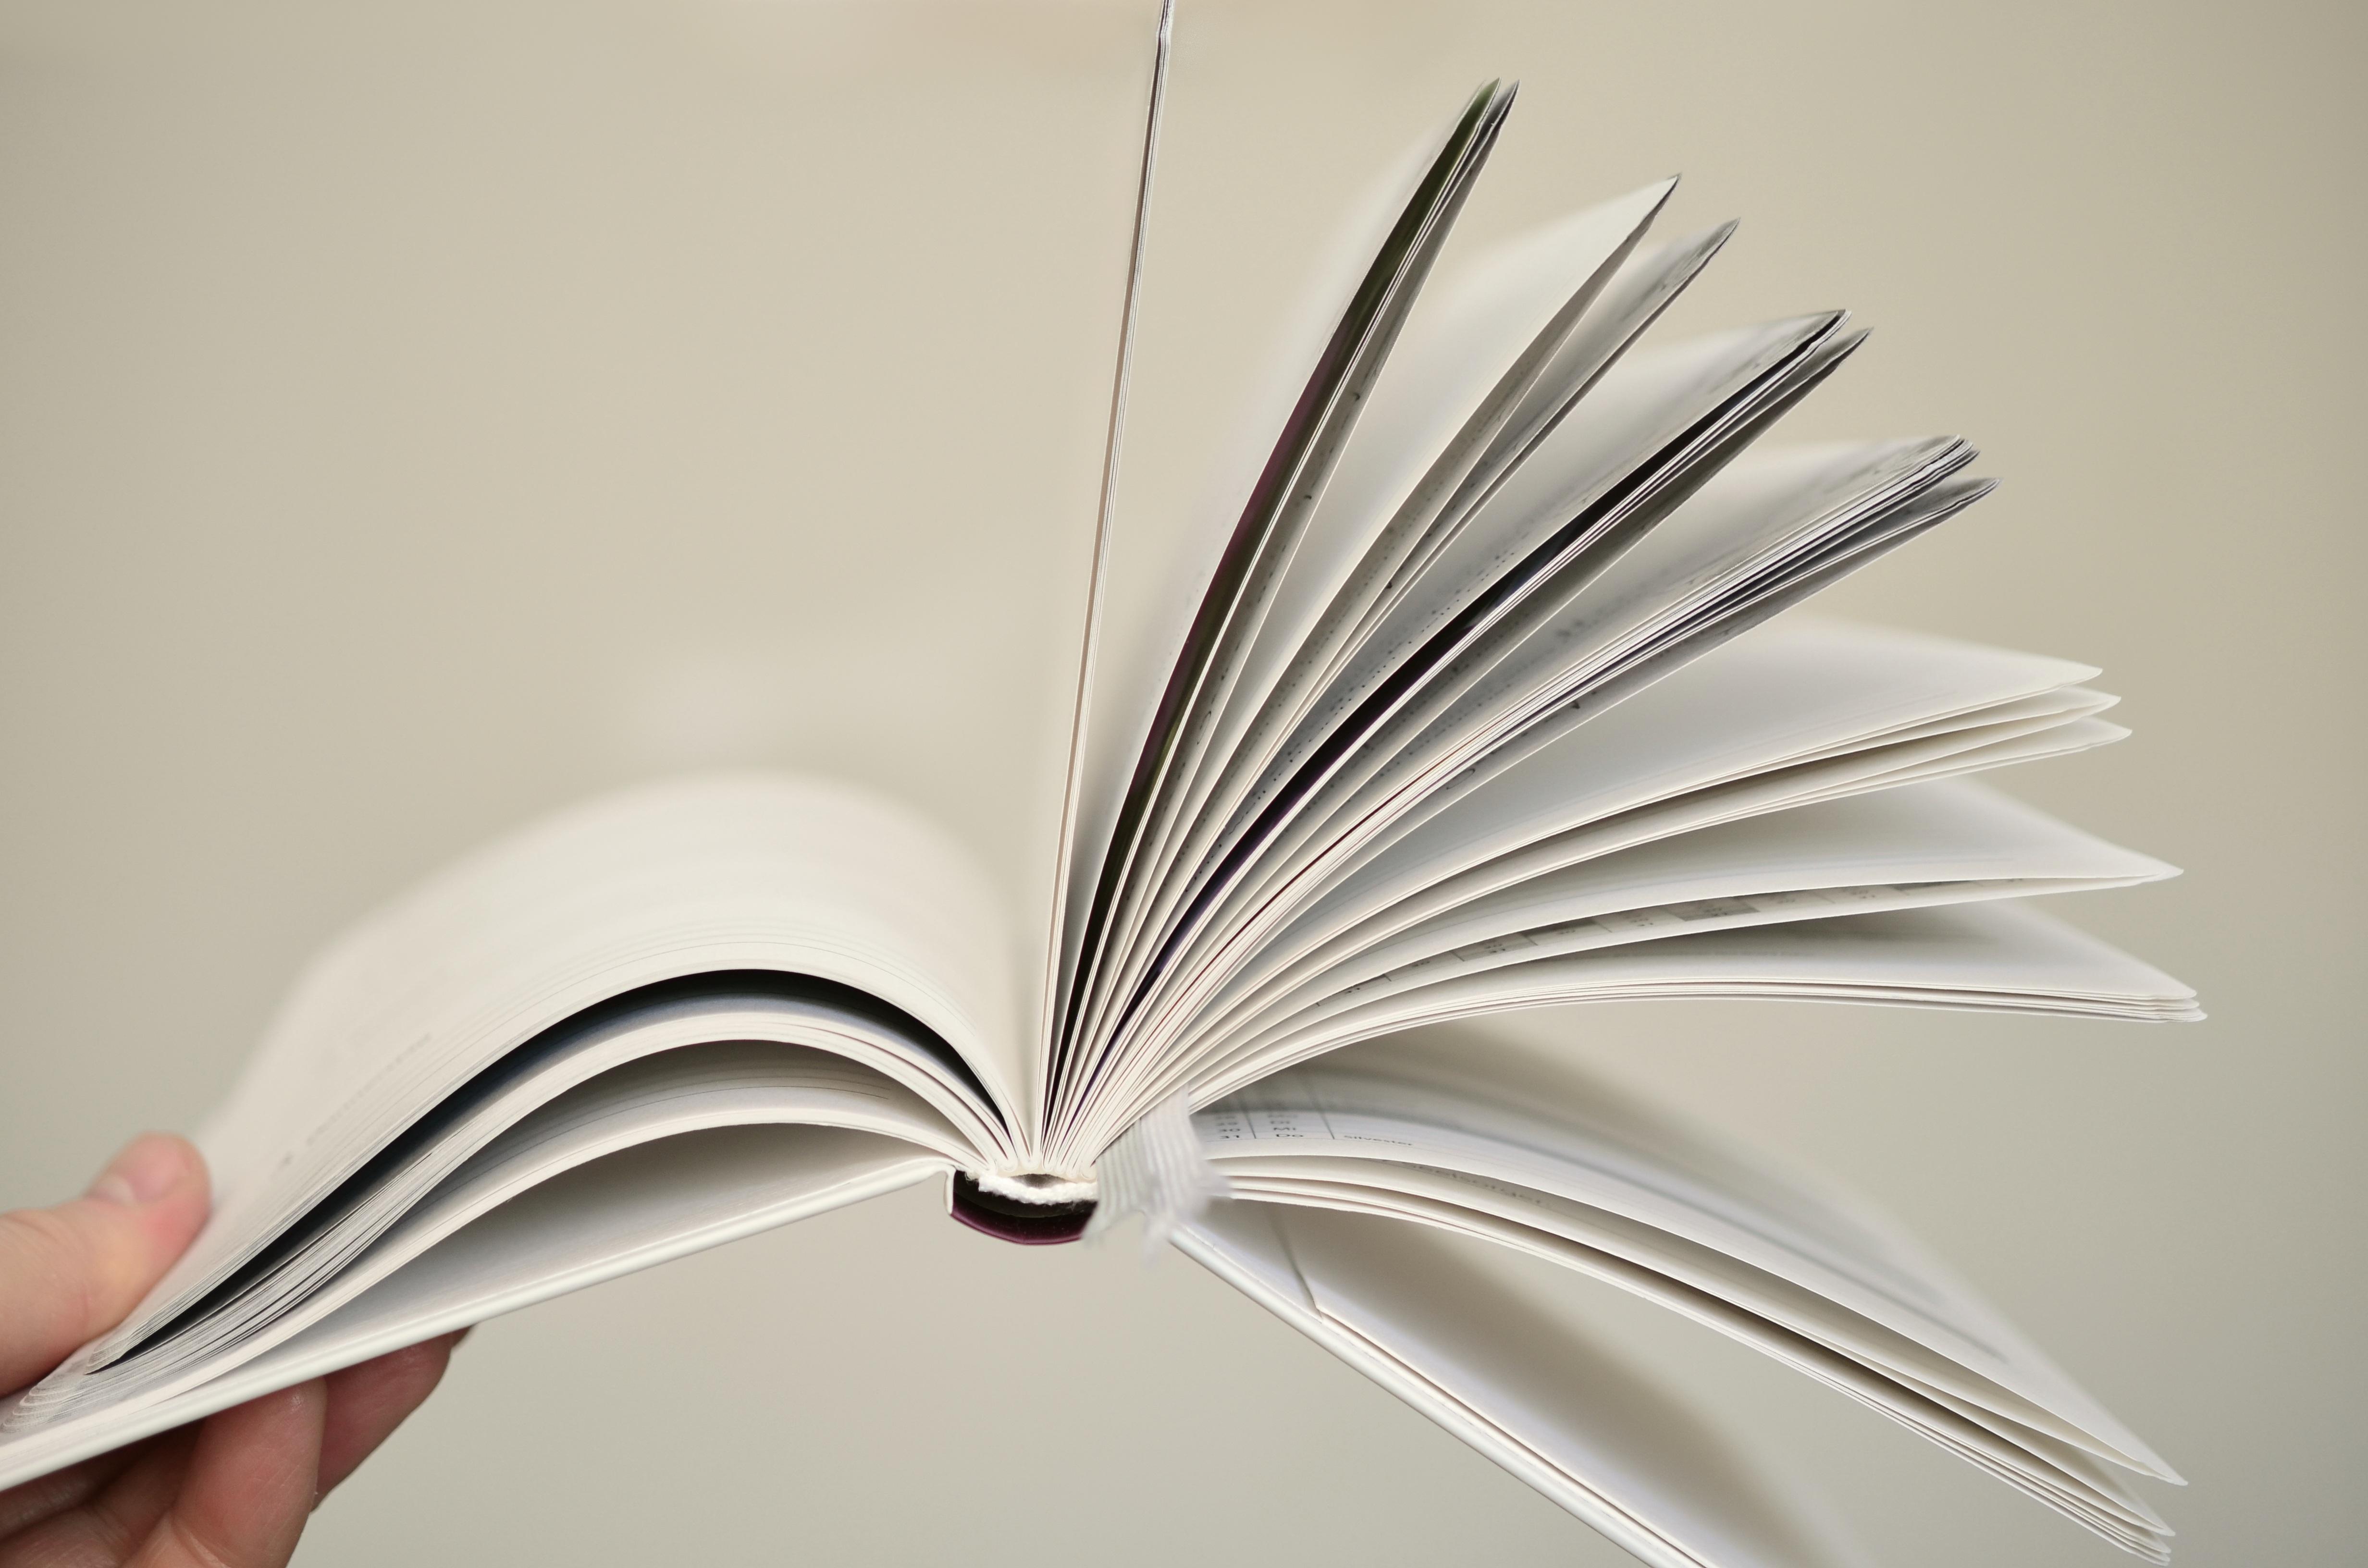 Kostenlose foto : Buch, lesen, Flügel, Spiral-, Decke, Linie, Papier ...